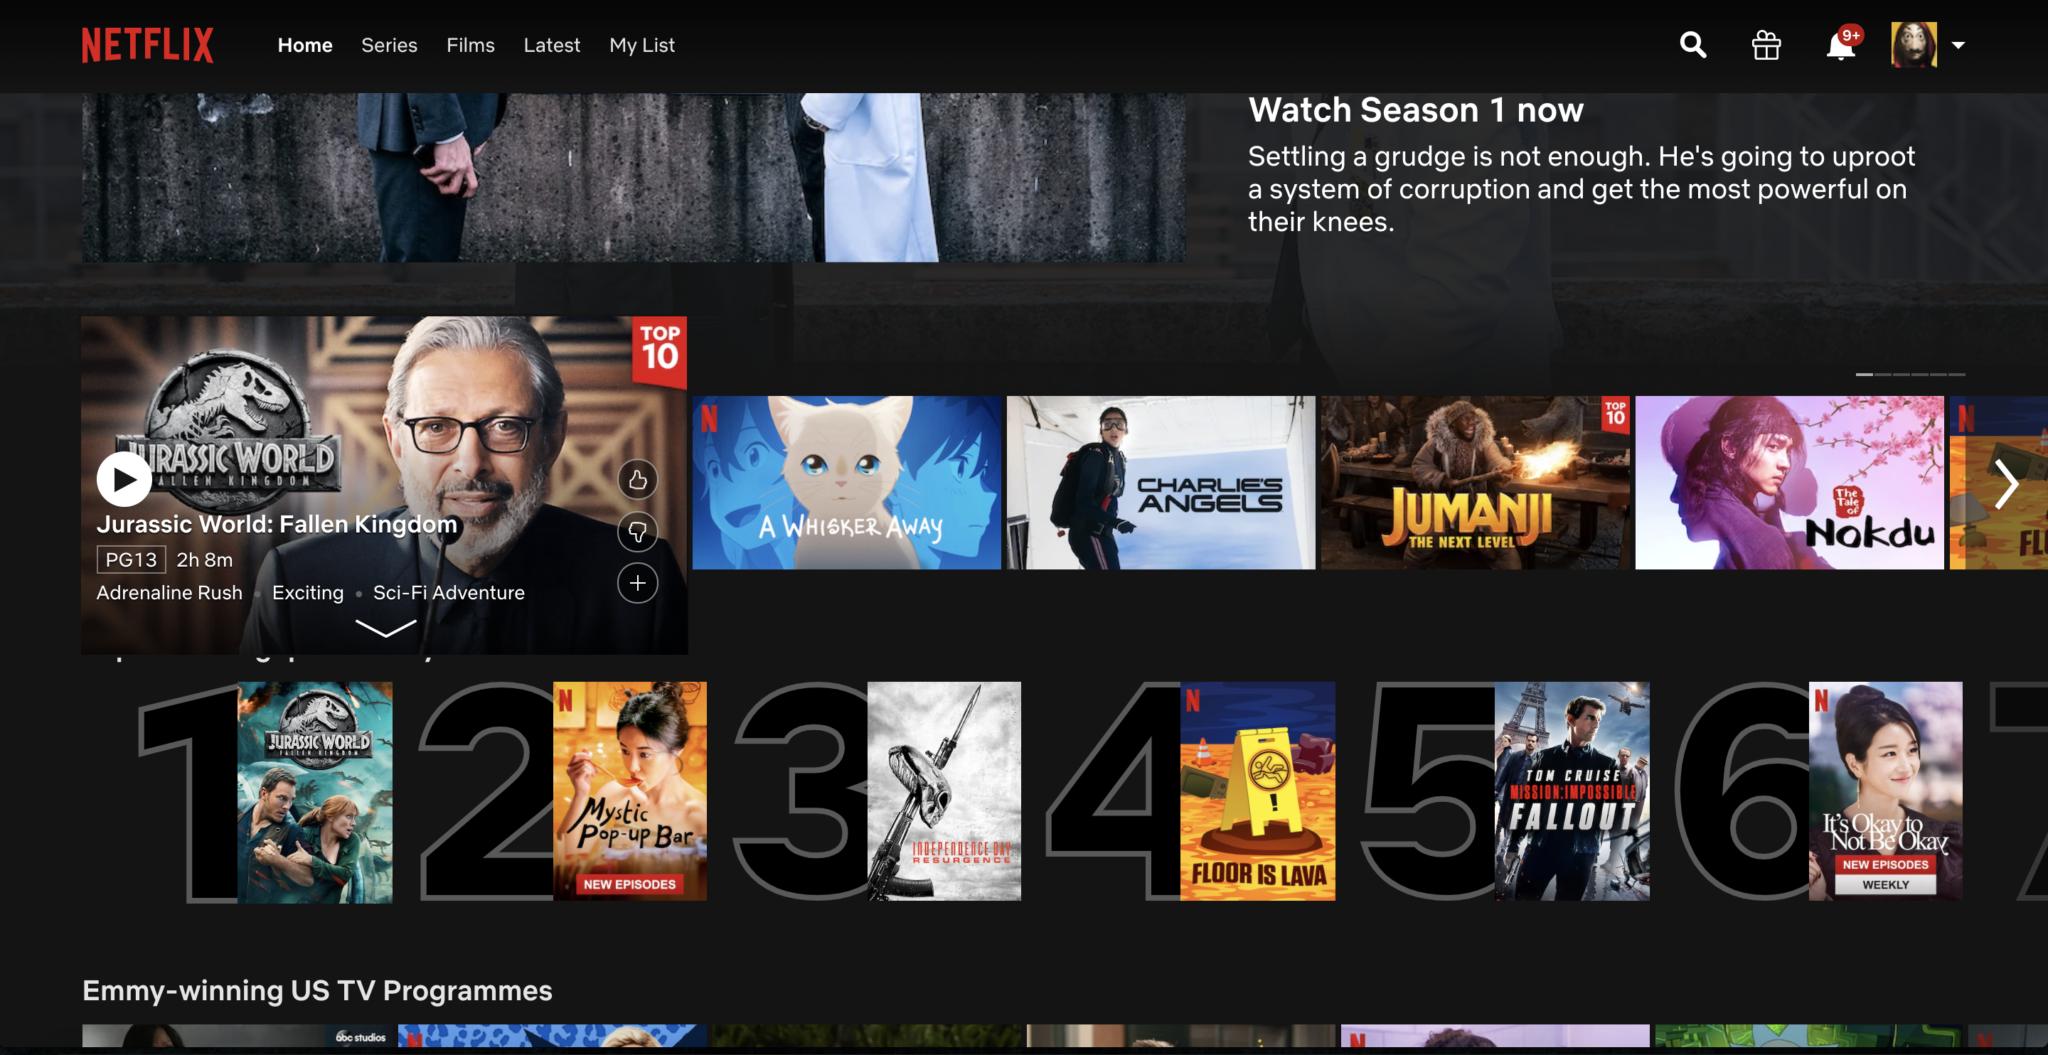 Netflix-Homepage